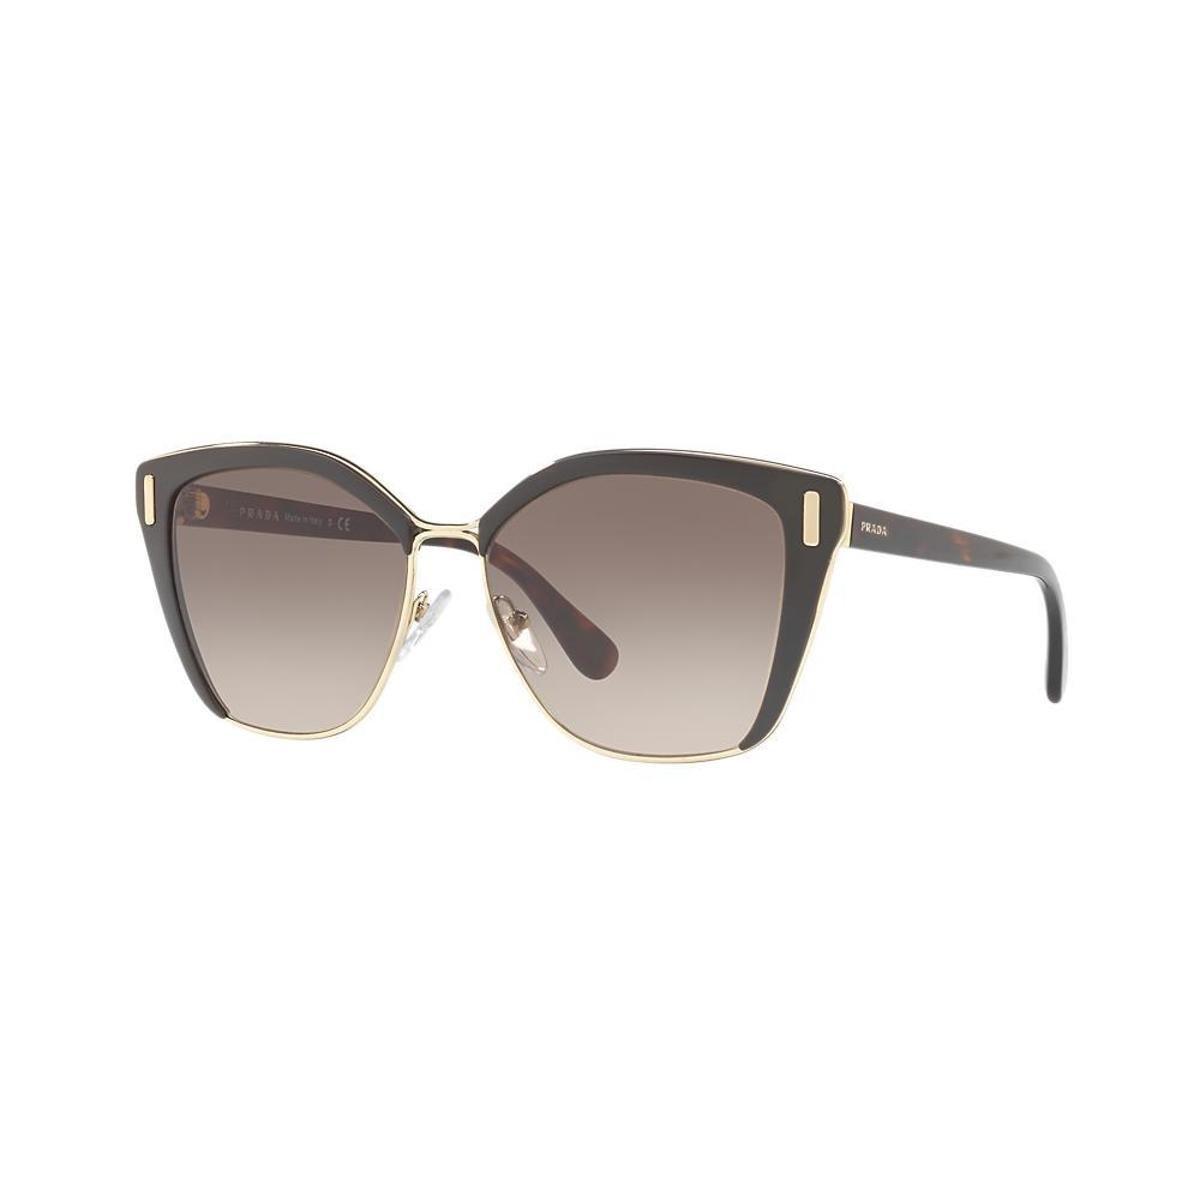 ... f27d5bc2f9e Óculos de Sol Prada Quadrado PR 56TS Feminino - Marrom -  Compre . a693f896c4